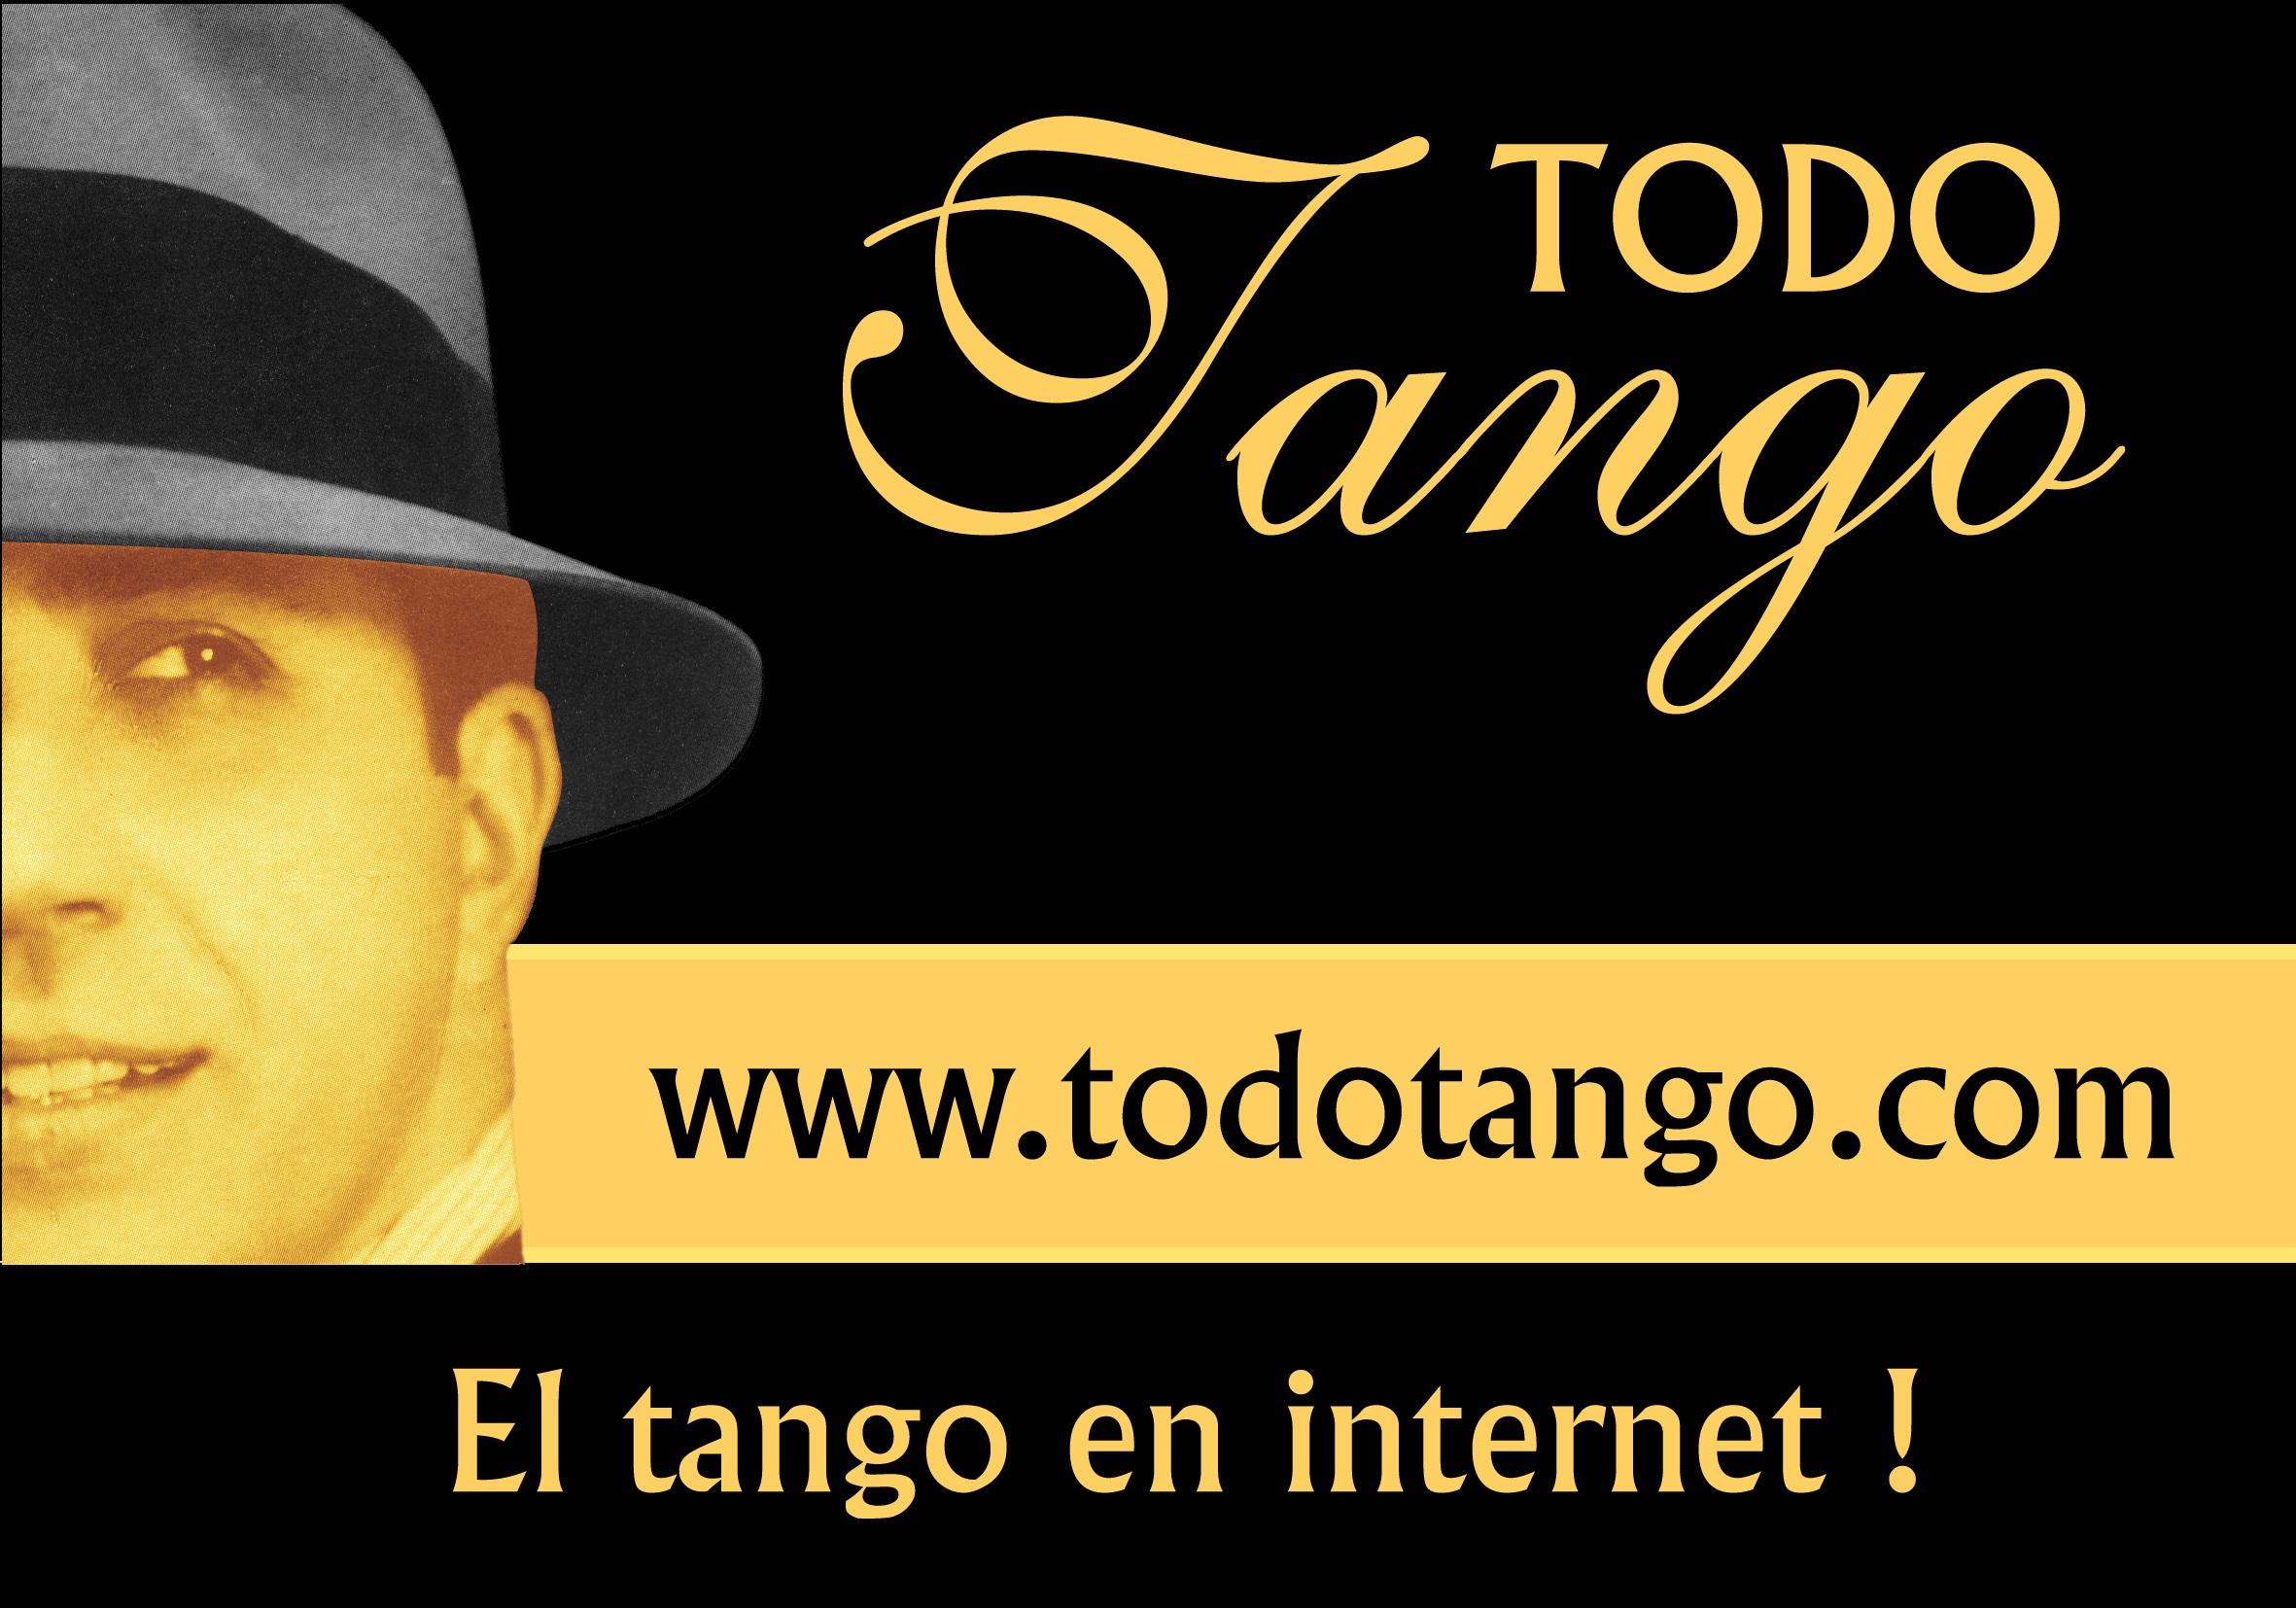 todotango.com